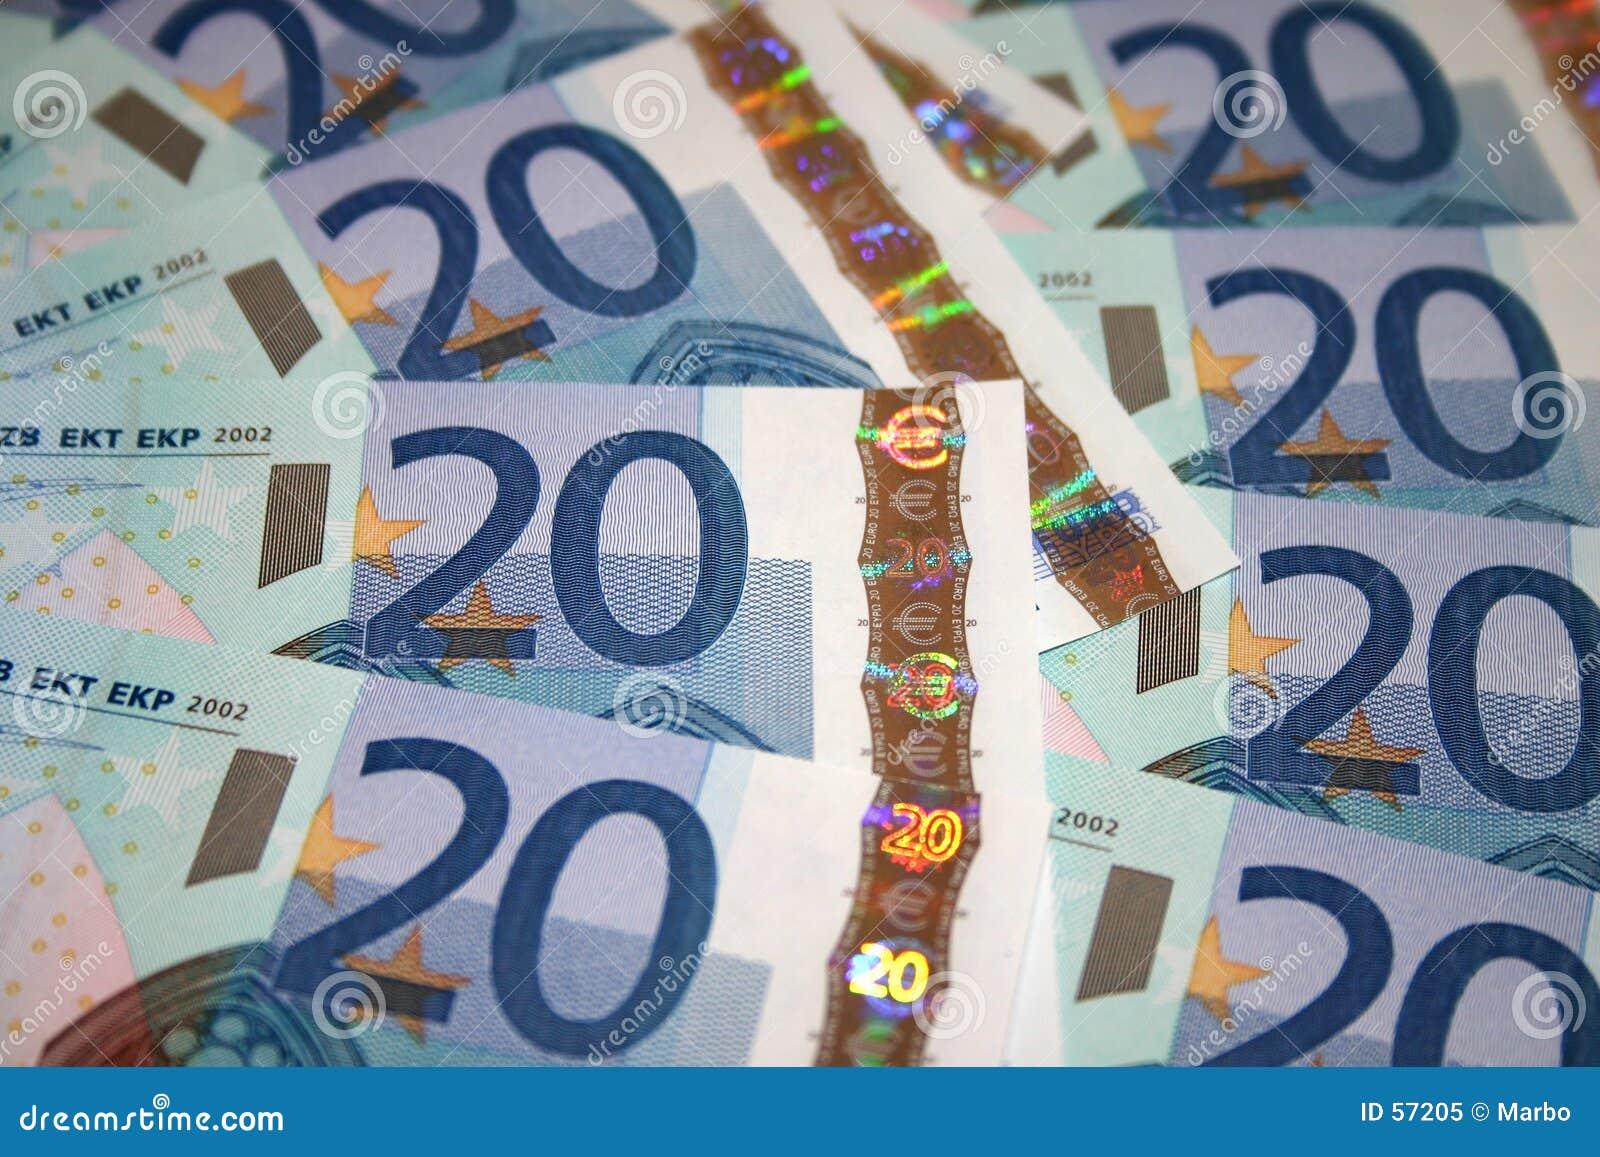 20 Euroanmerkungen/Rechnungen